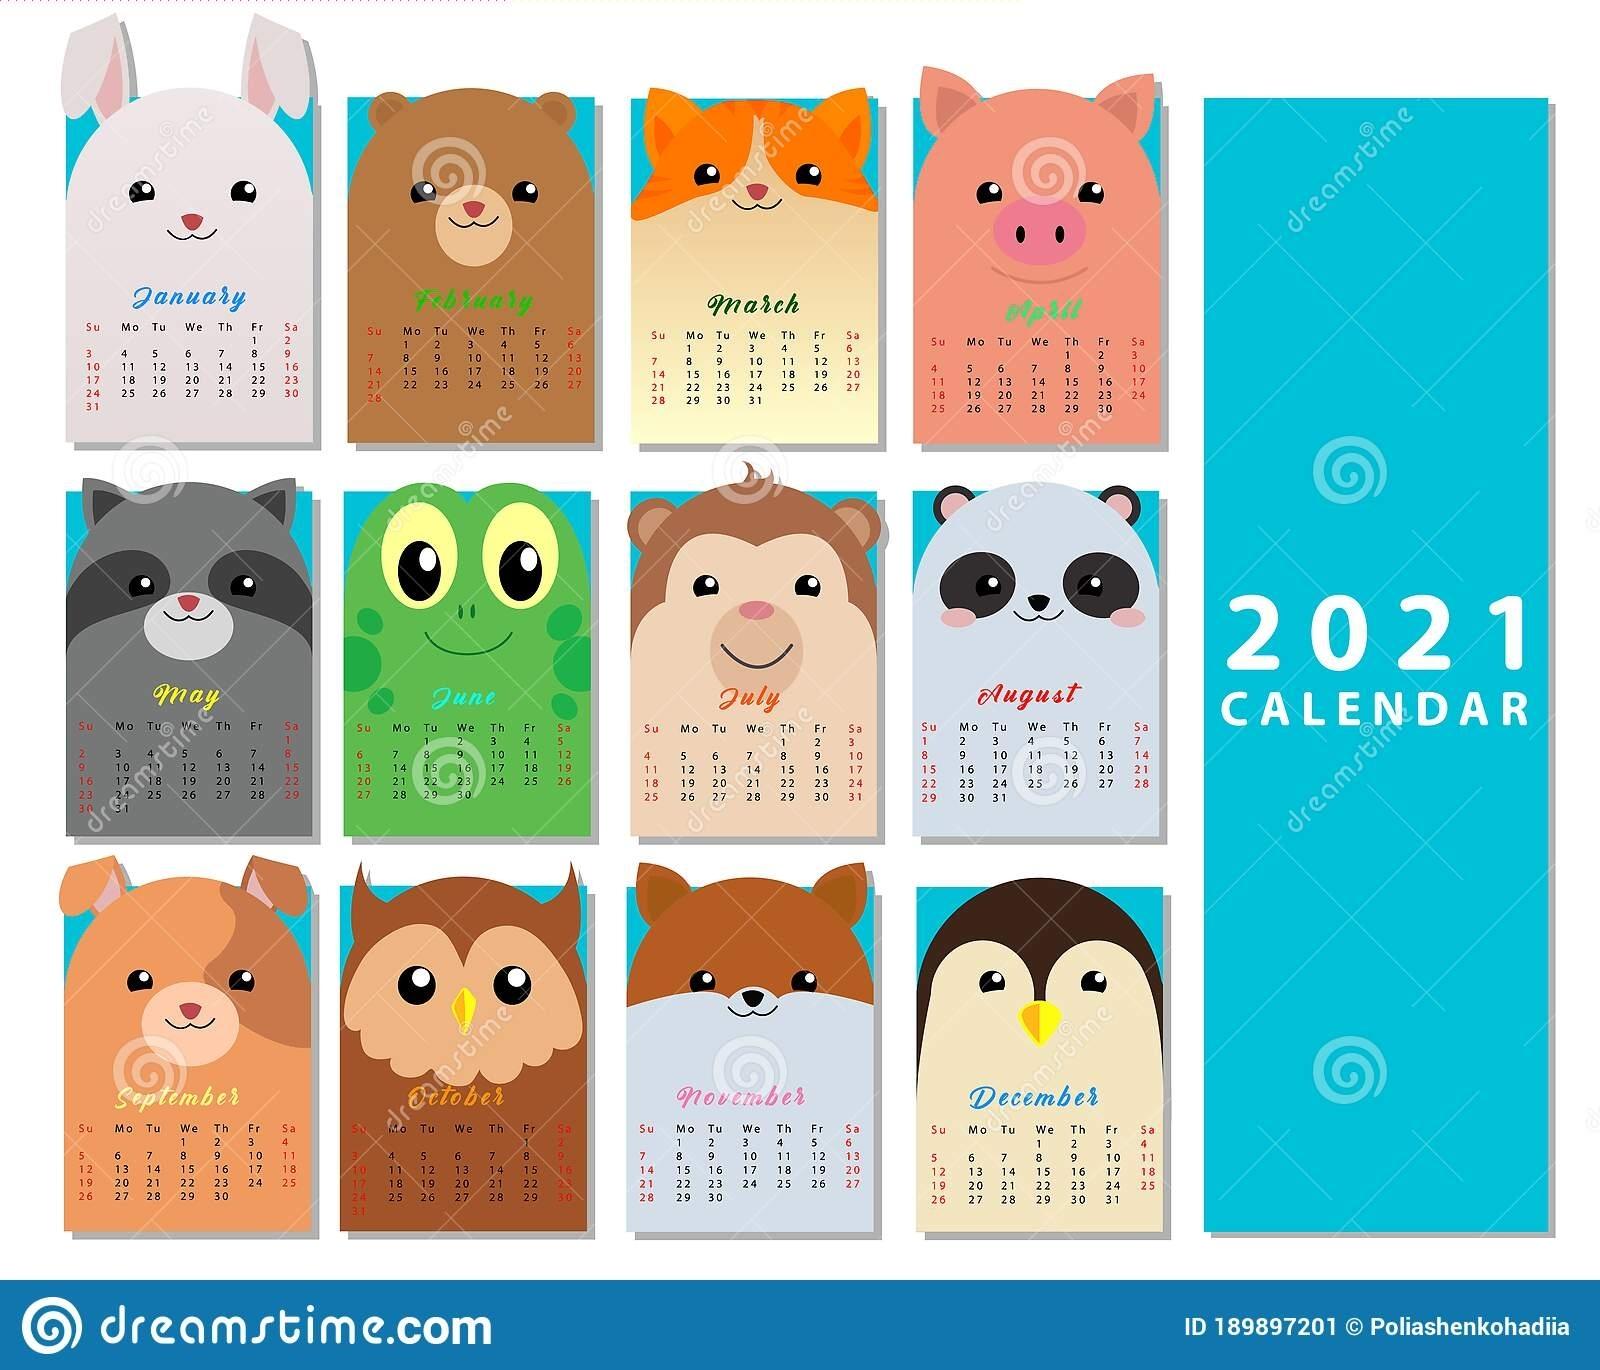 Take August 2021 Clip Art